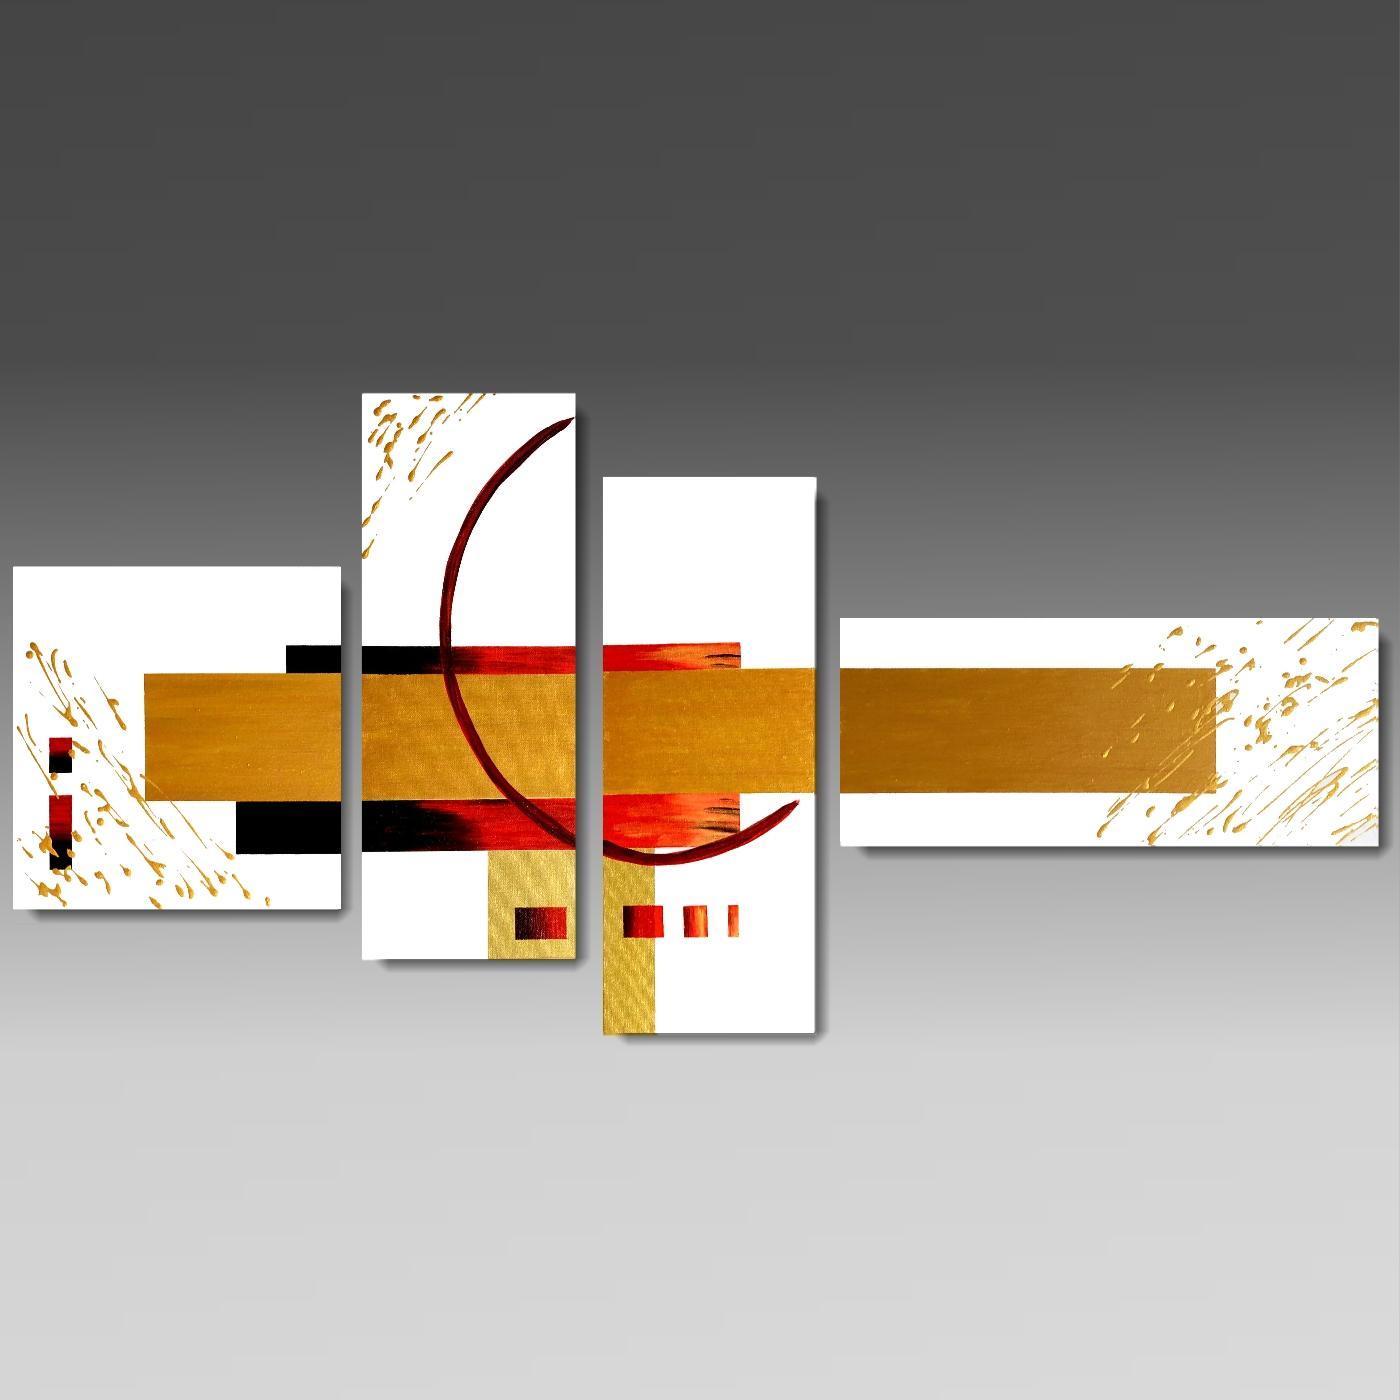 Quadri 4 tele for Quadri arte moderna astratti